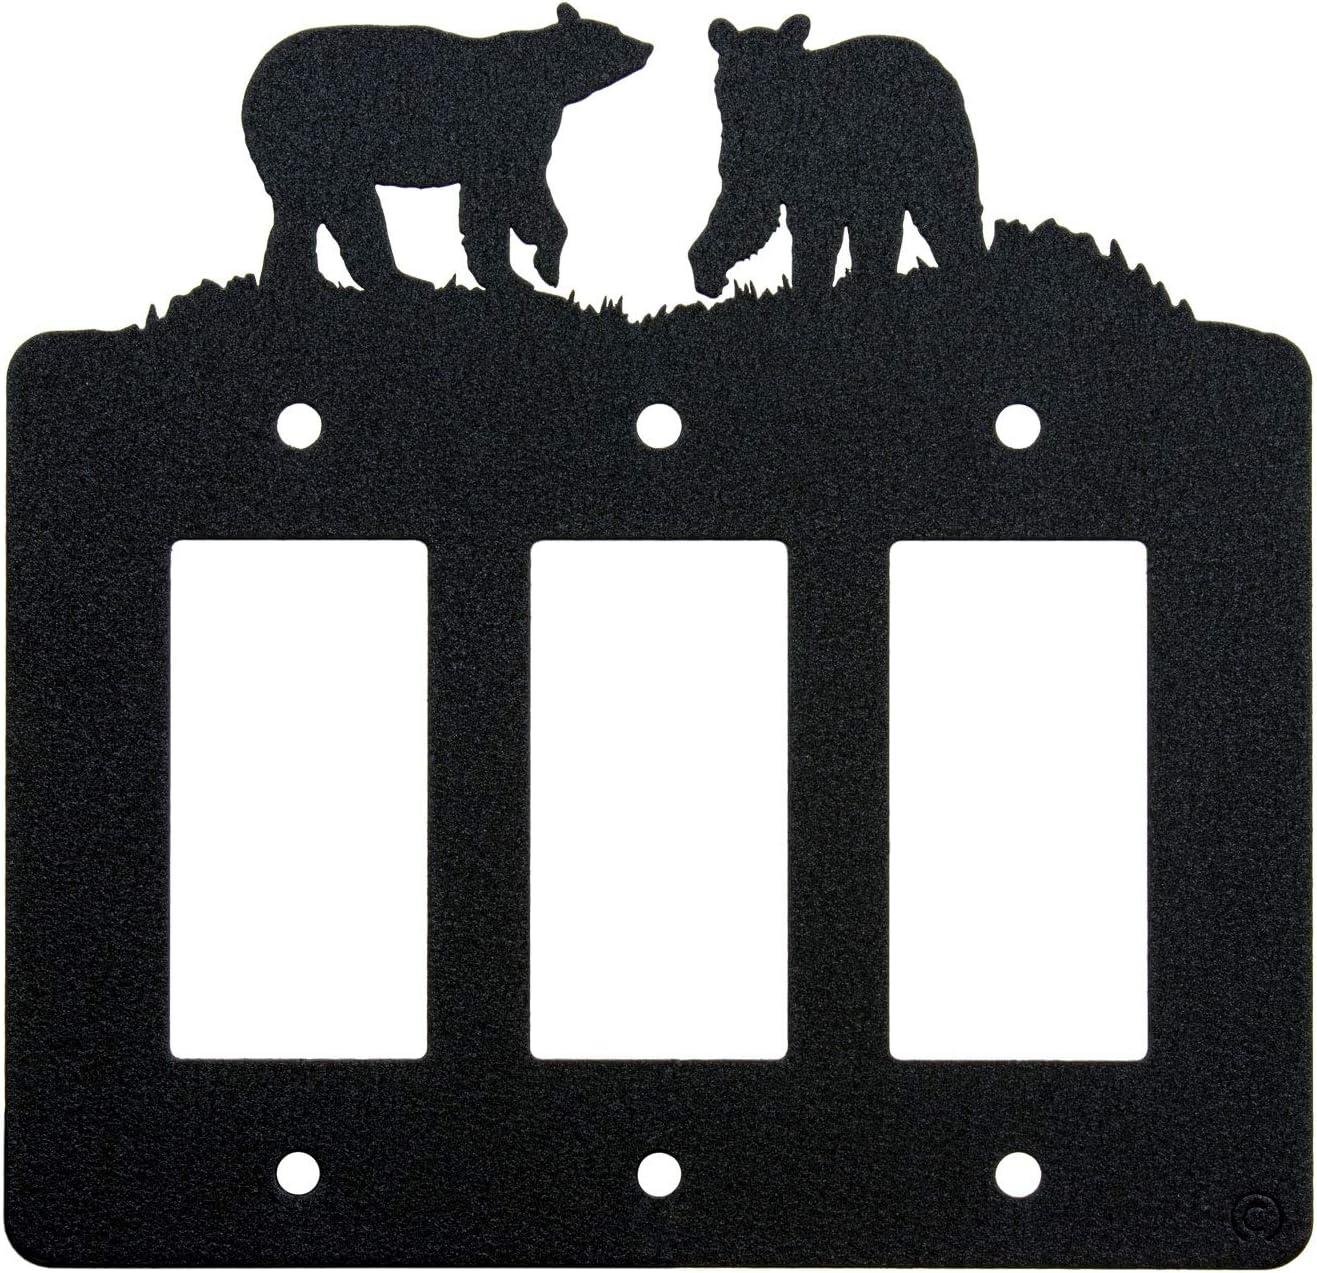 Bear Triple Gang Light Switch Wall Plate (Triple Rocker (GFCI), Black)